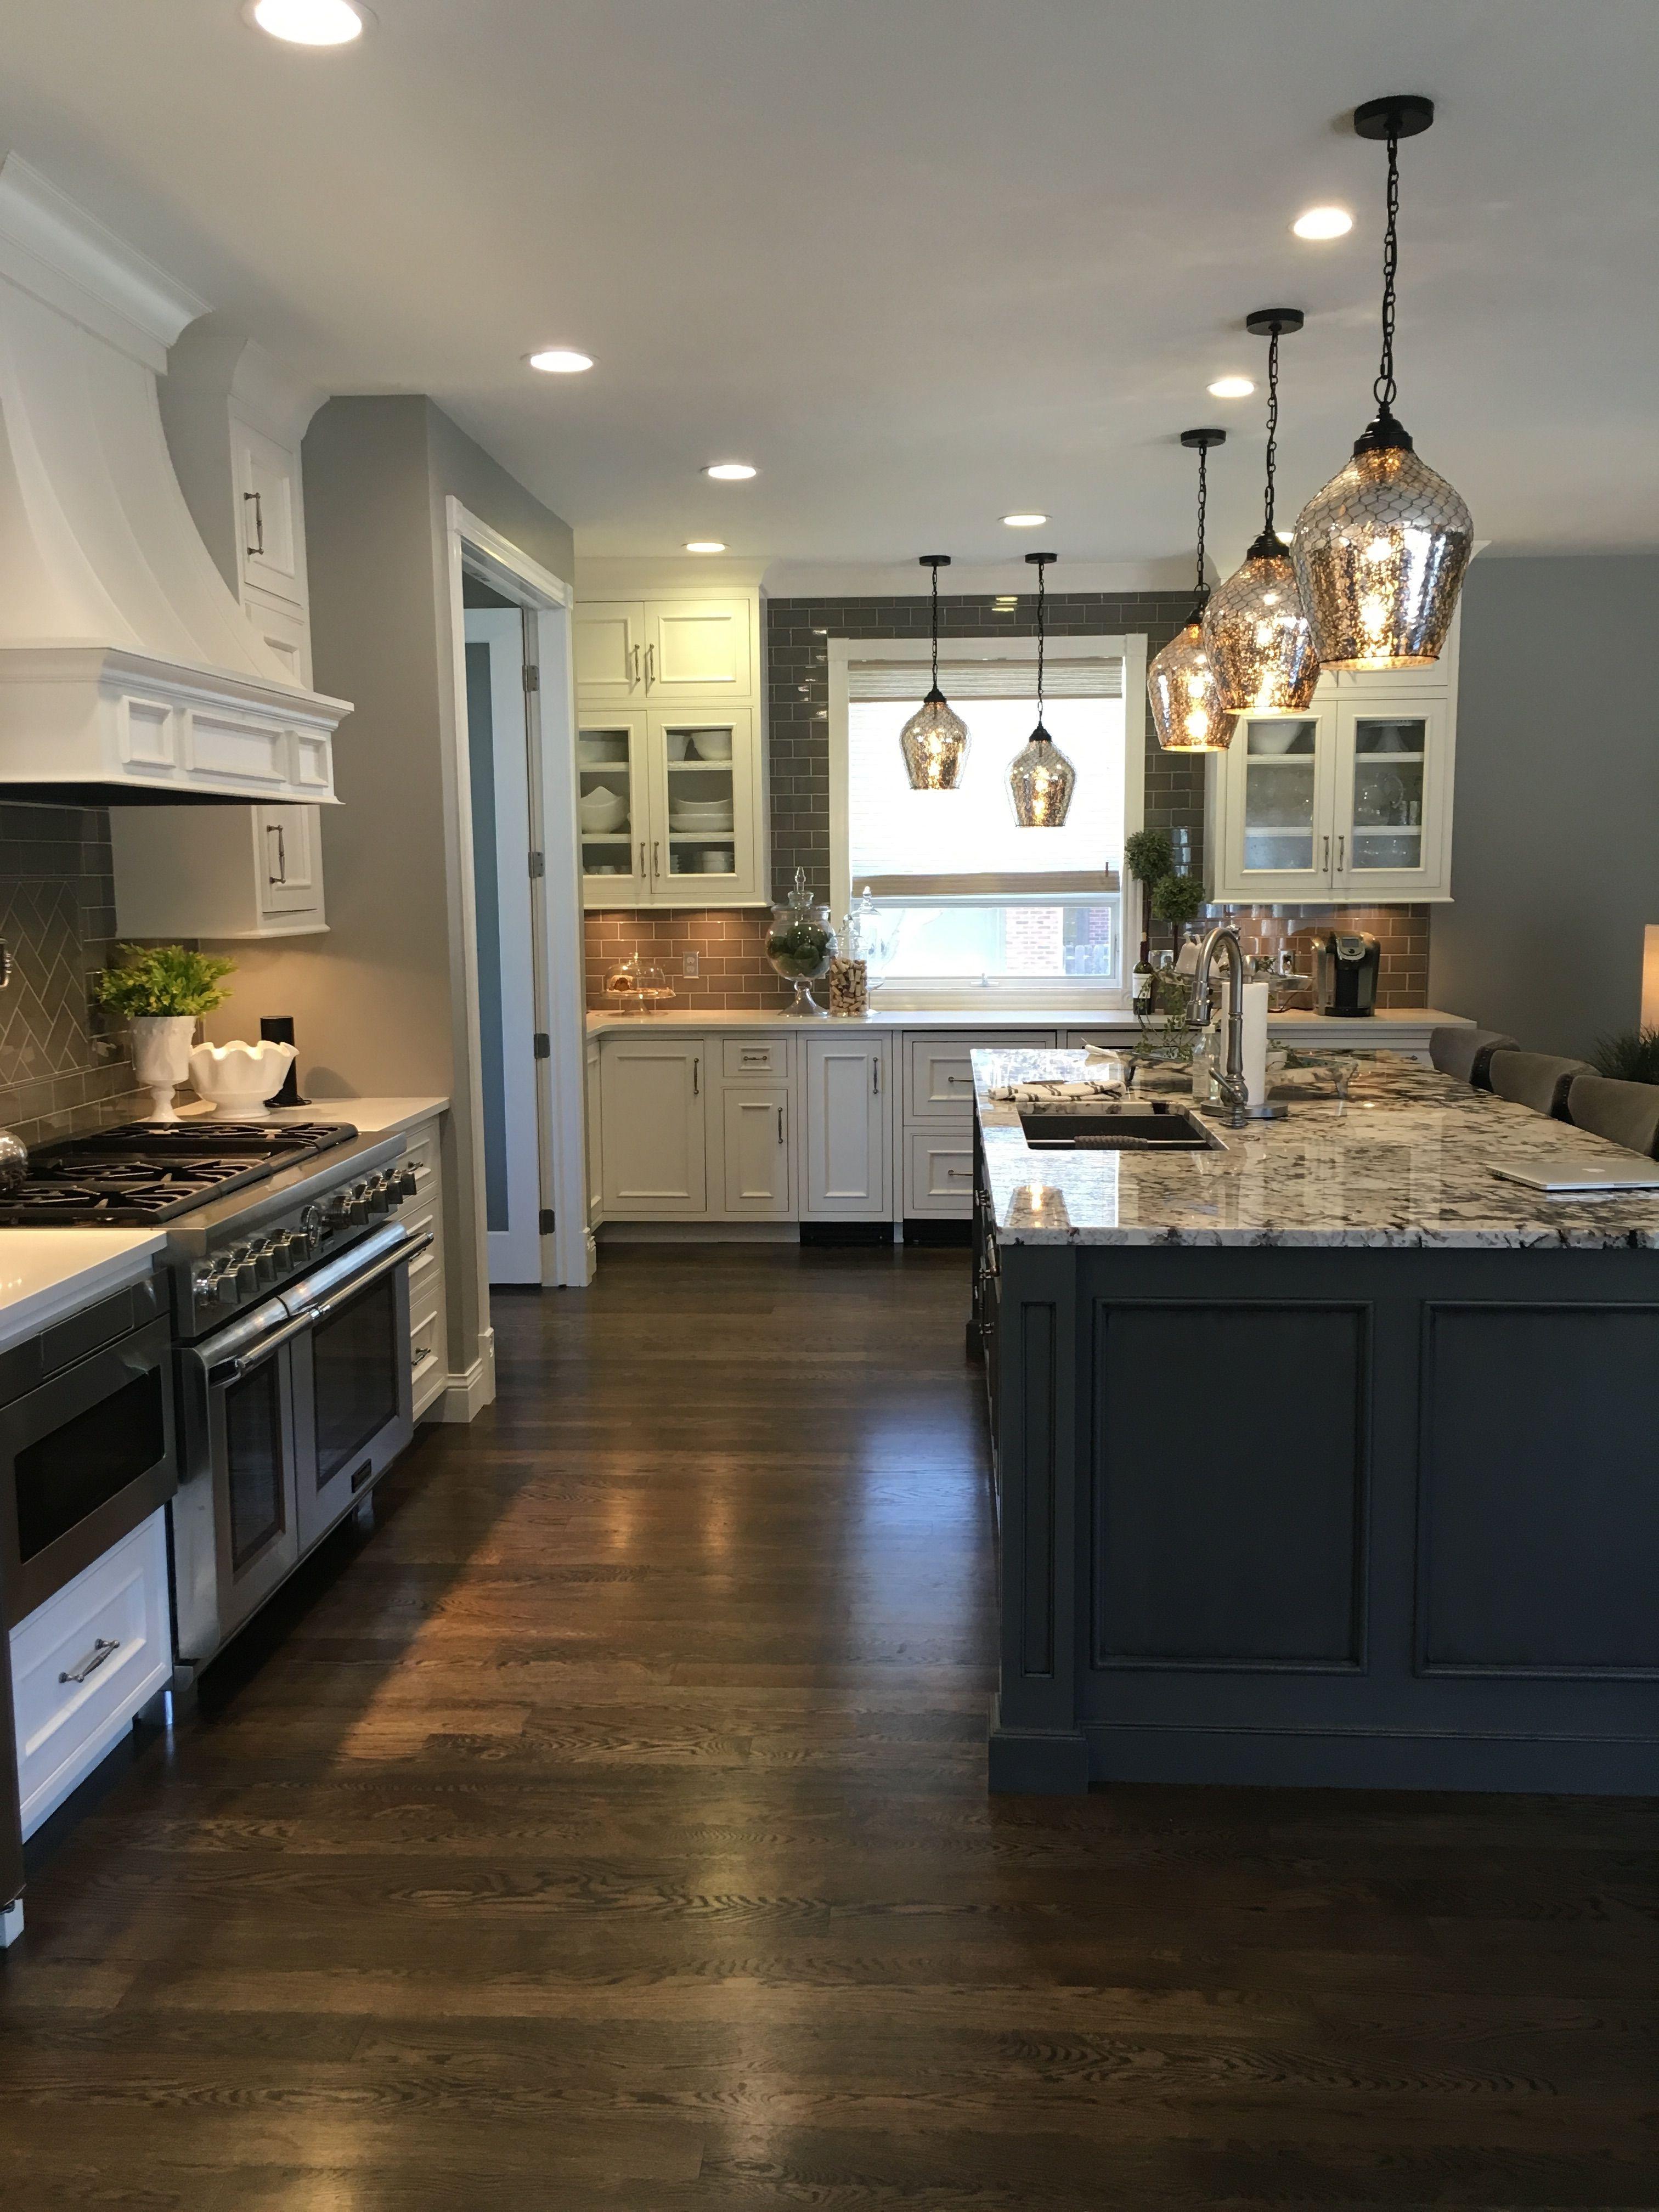 Beautiful Open Floor Plan Kitchen Images Ideas A Kitchen Is Often